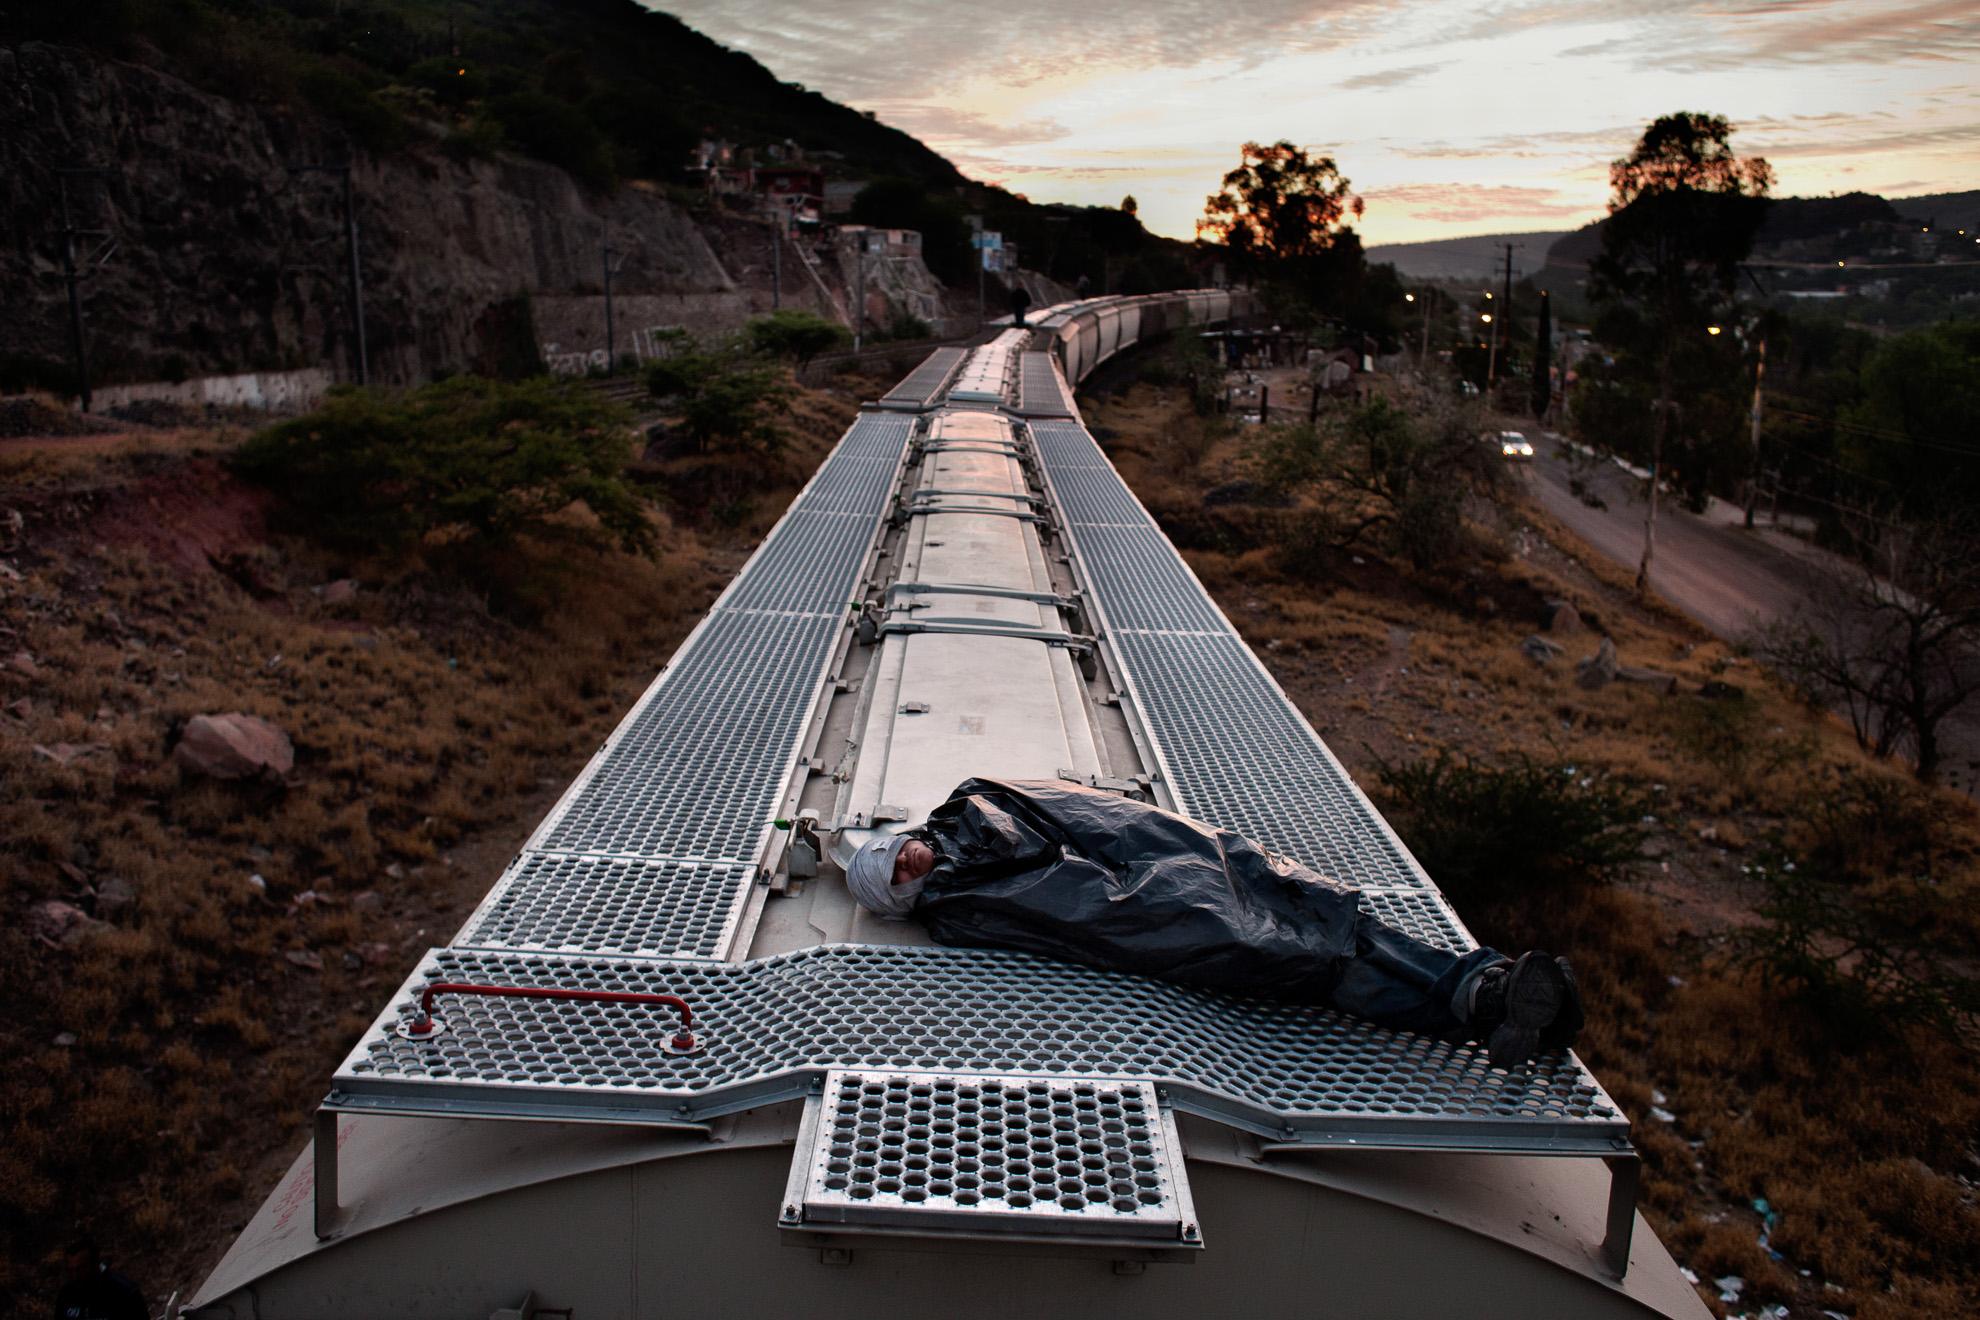 Celaya – México. Cada año, miles de inmigrantes irregulares centroamericanos viajan en los techos de los trenes de carga que discurren por los Estados del sur de México hacia las regiones del norte, con riesgo para sus vidas, para alcanzar la frontera con los Estados Unidos.